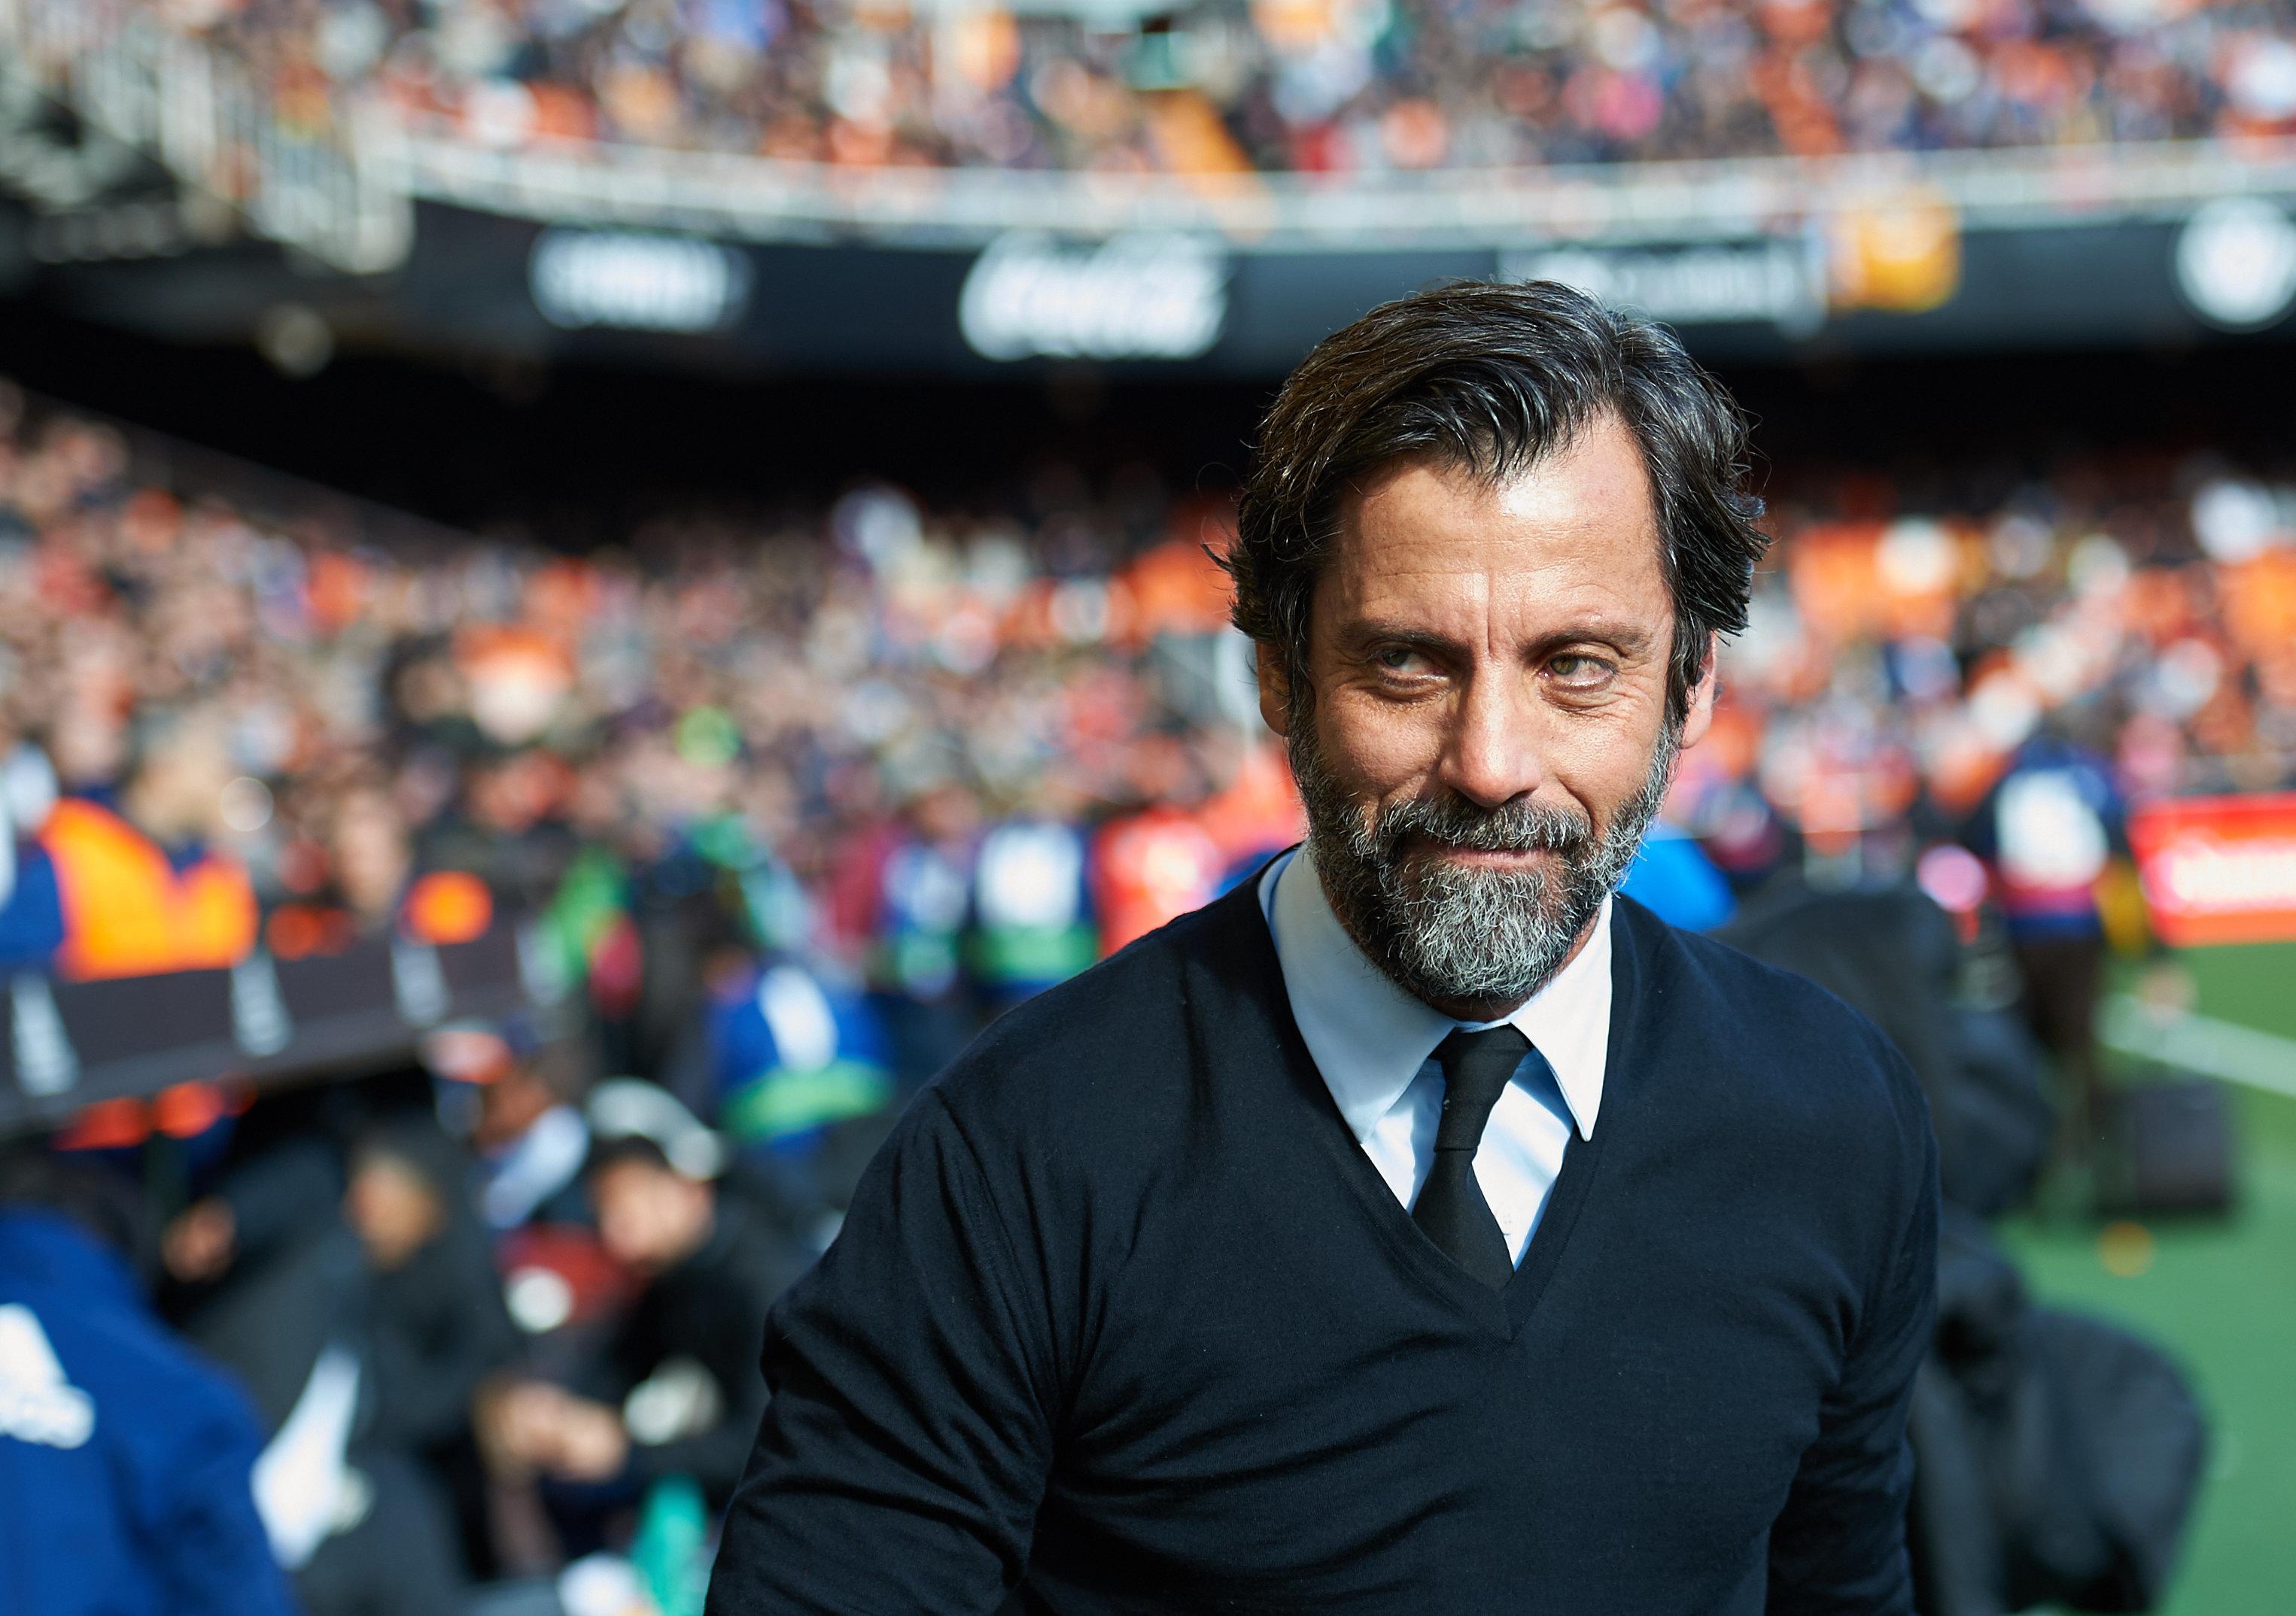 대한축구협회가 키케 플로레스에 감독직을 제안했다는 보도가